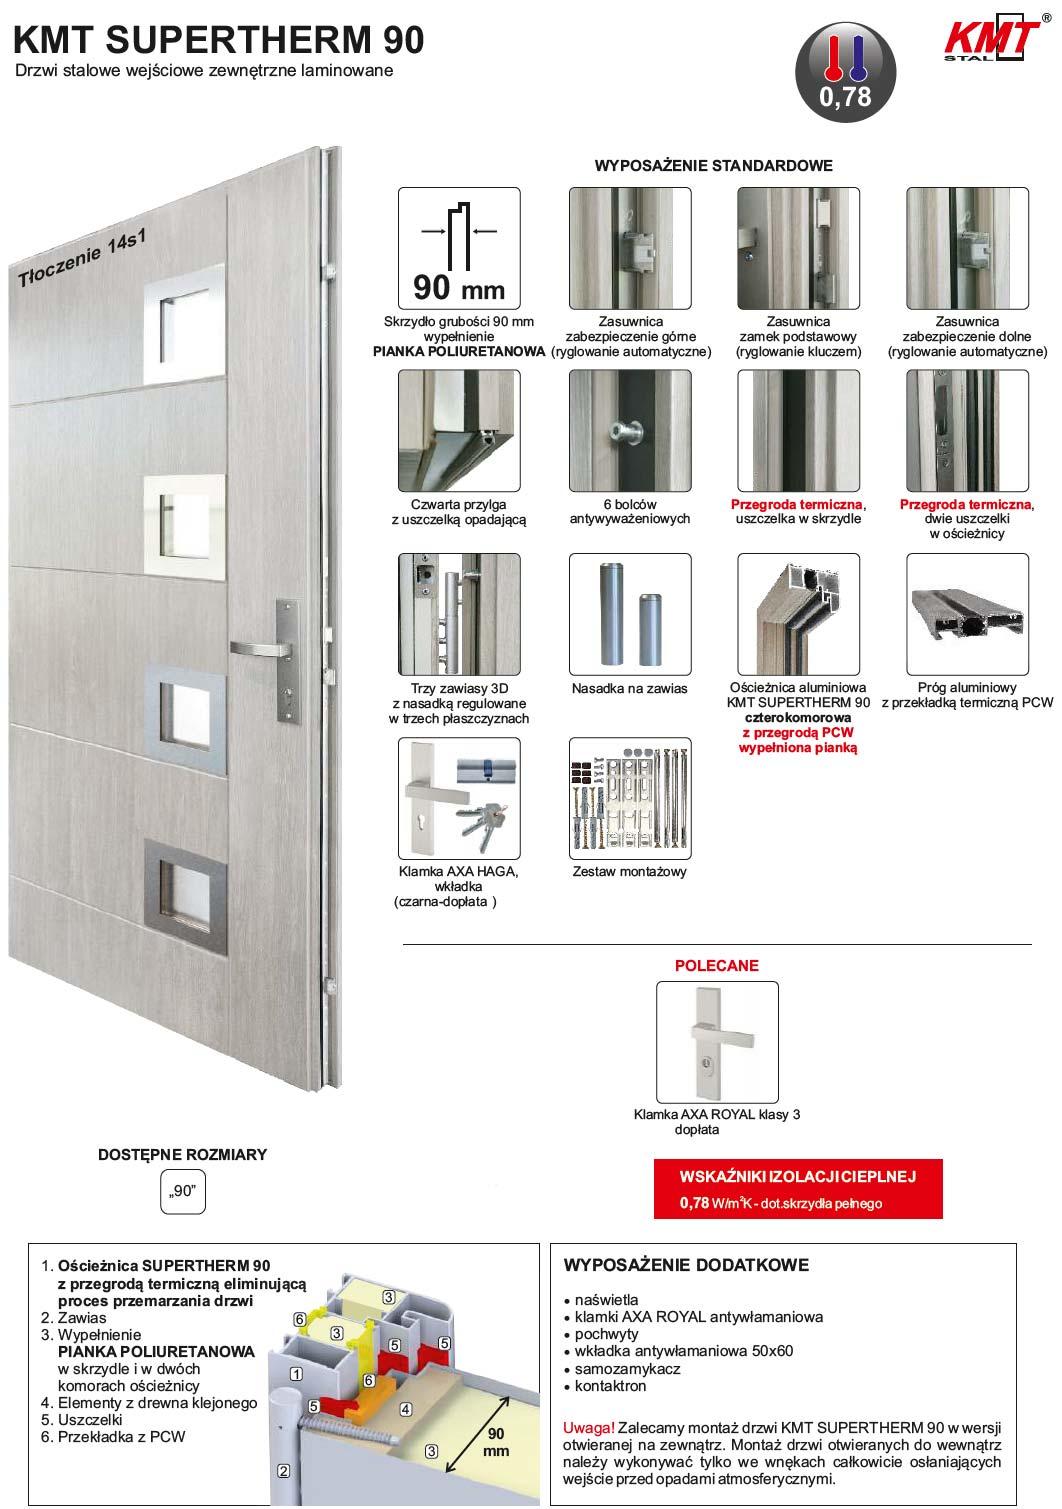 drzwi-kmt-supertherm-90-zestaw